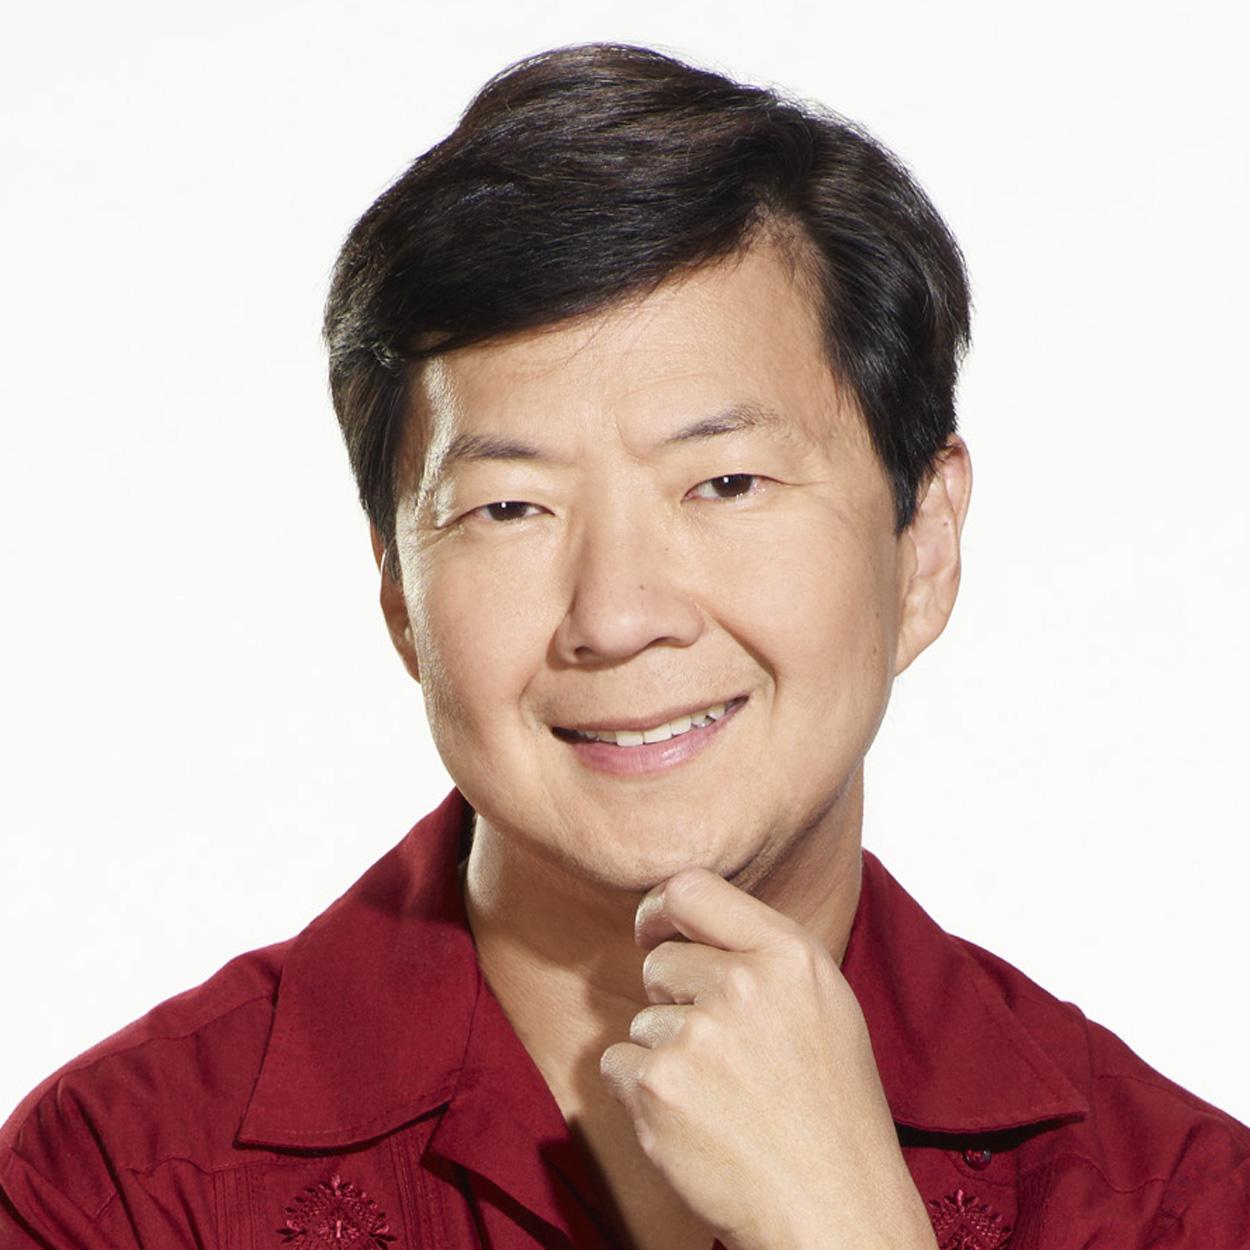 Ken_Jeong